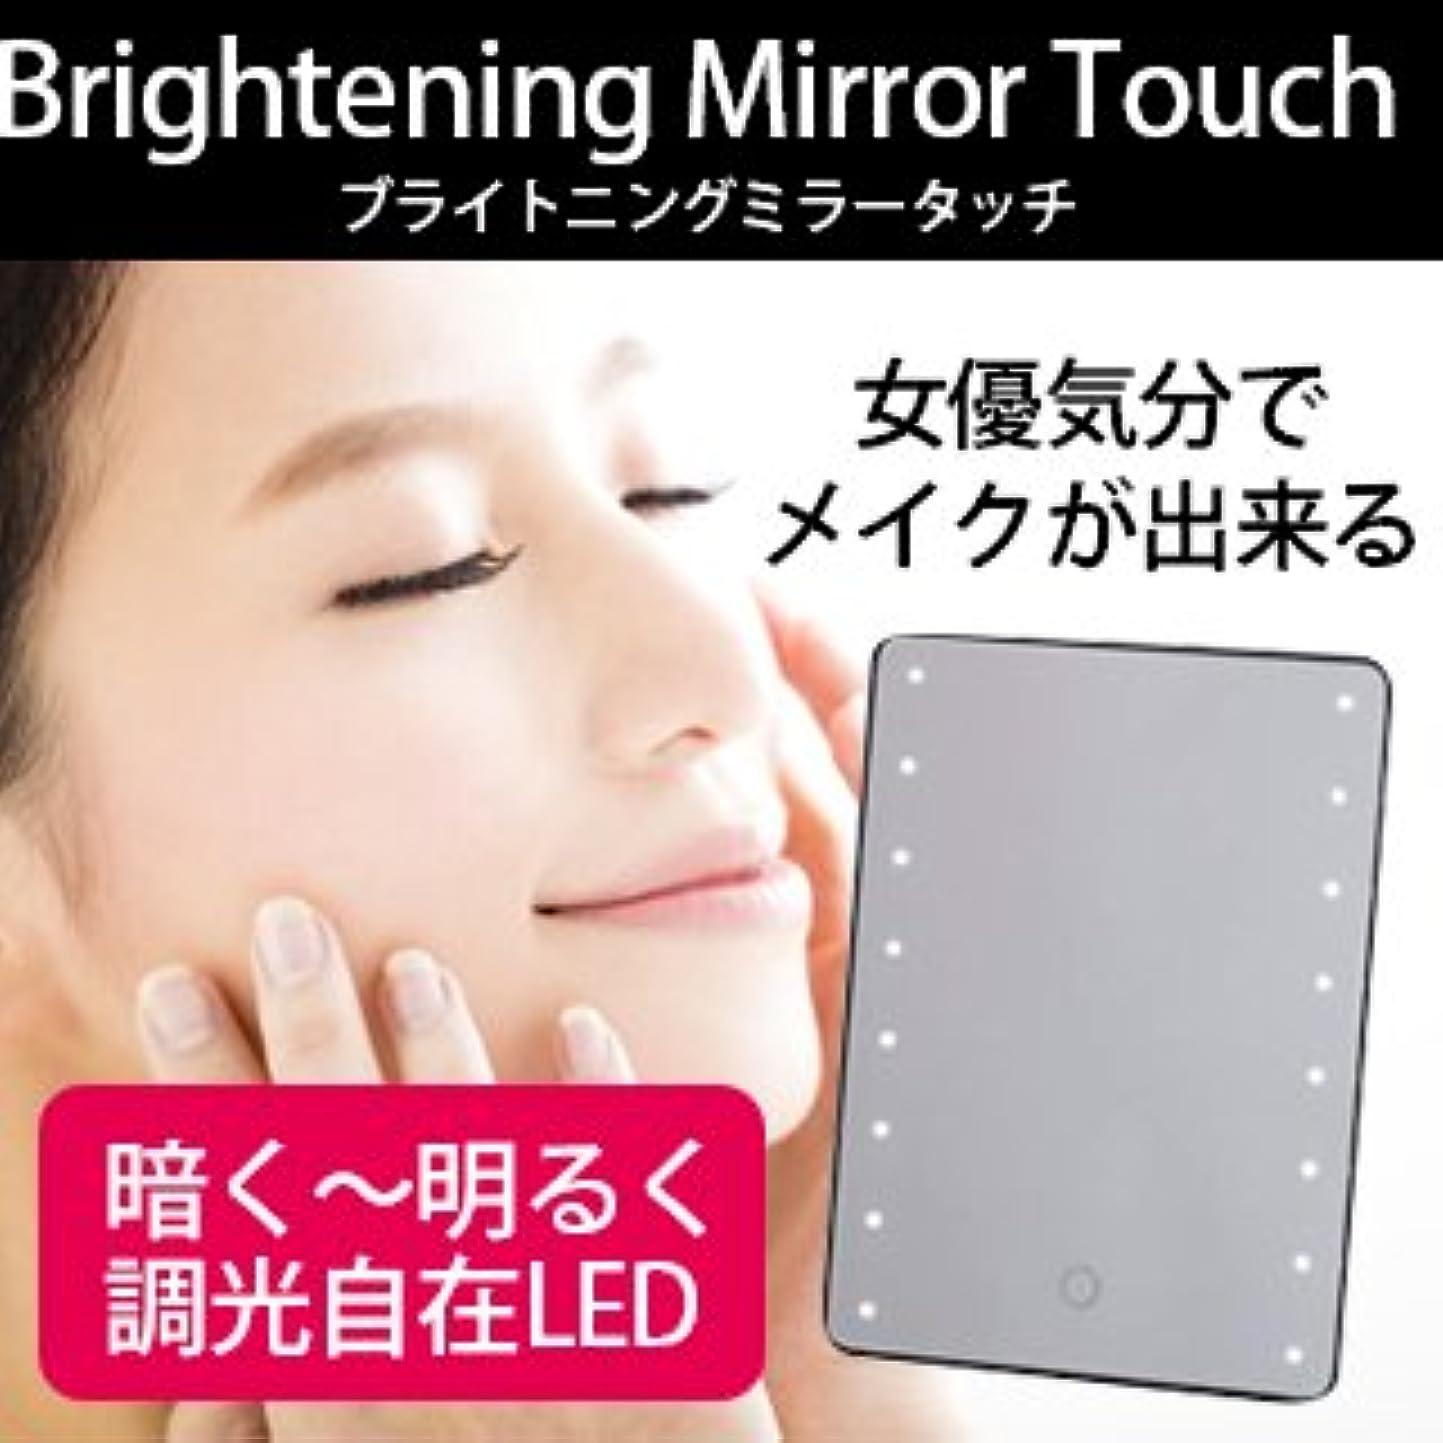 瞬時に繁雑誰か【ブラック】LEDライト ブライトニングミラー タッチ【ライト付き 卓上ミラー 鏡 】